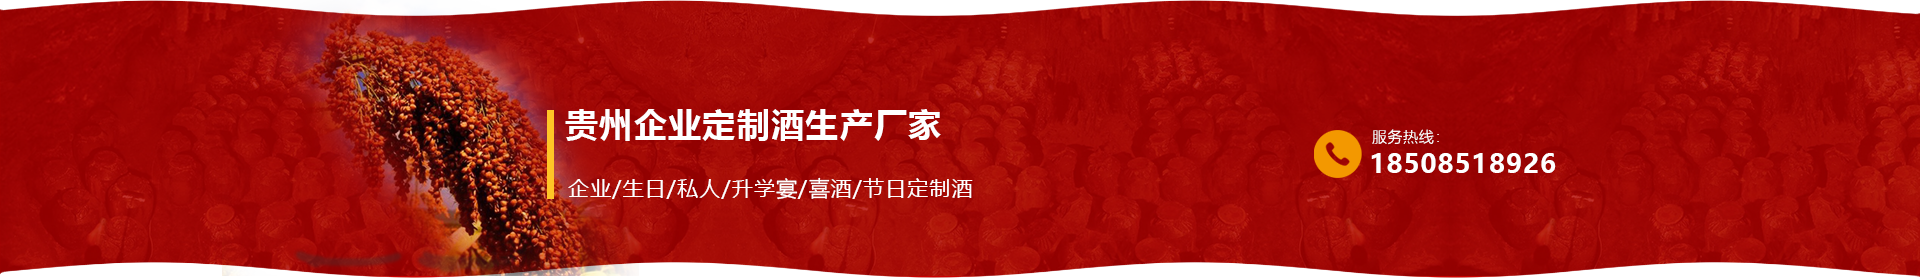 上海企业定制酒